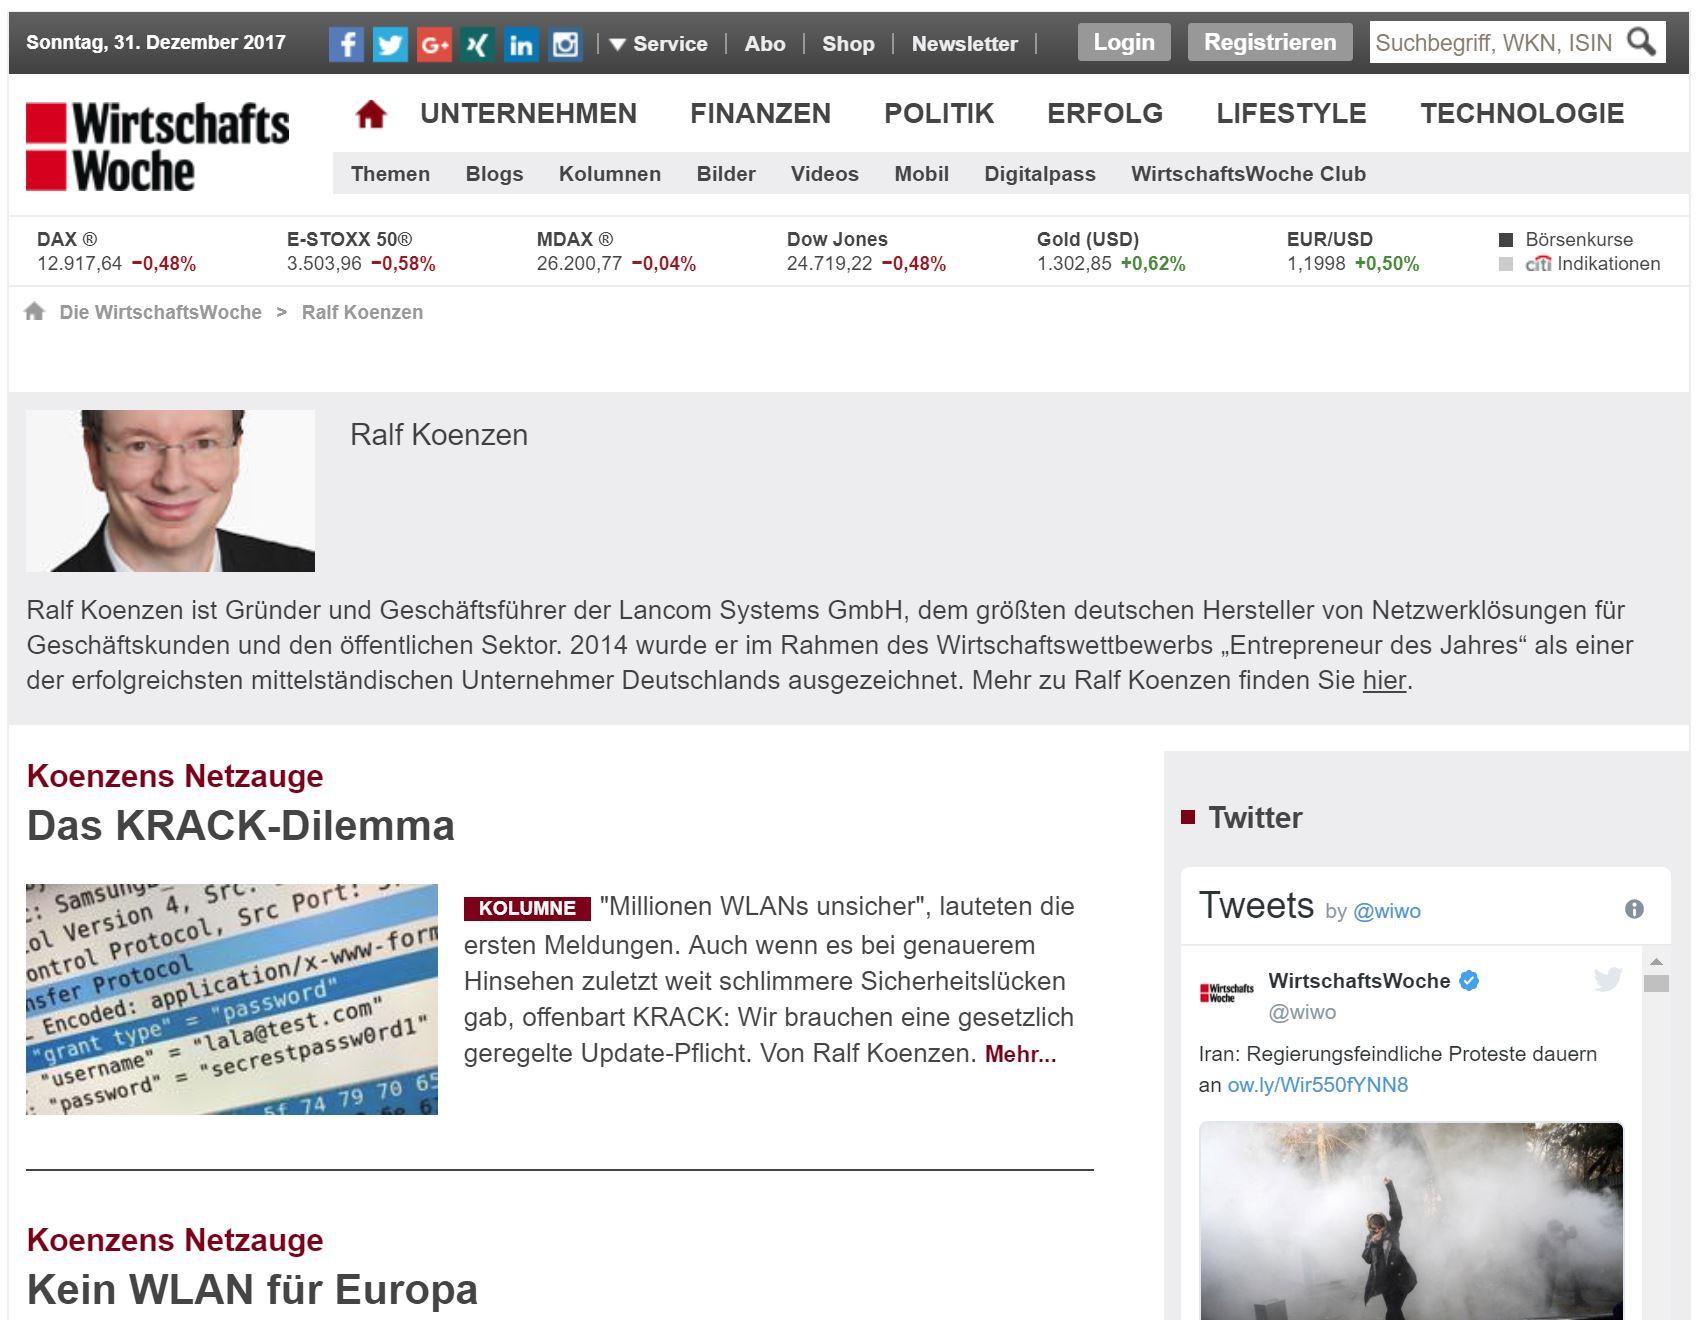 CEO Blog Netzauge